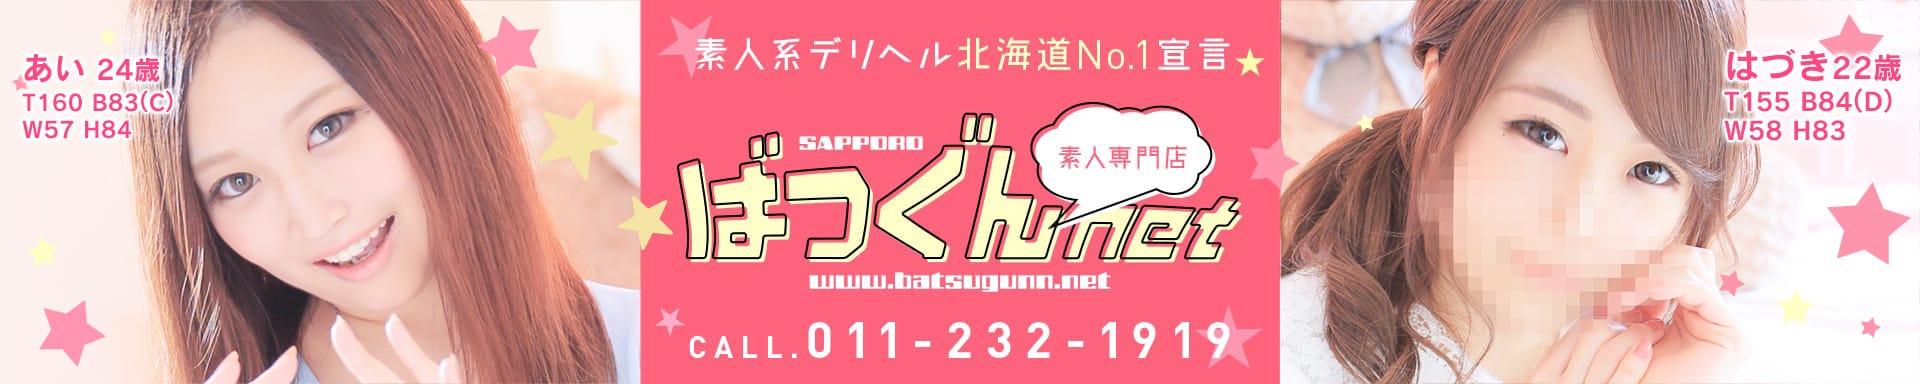 SAPPORO ばつぐんnet - 札幌・すすきの